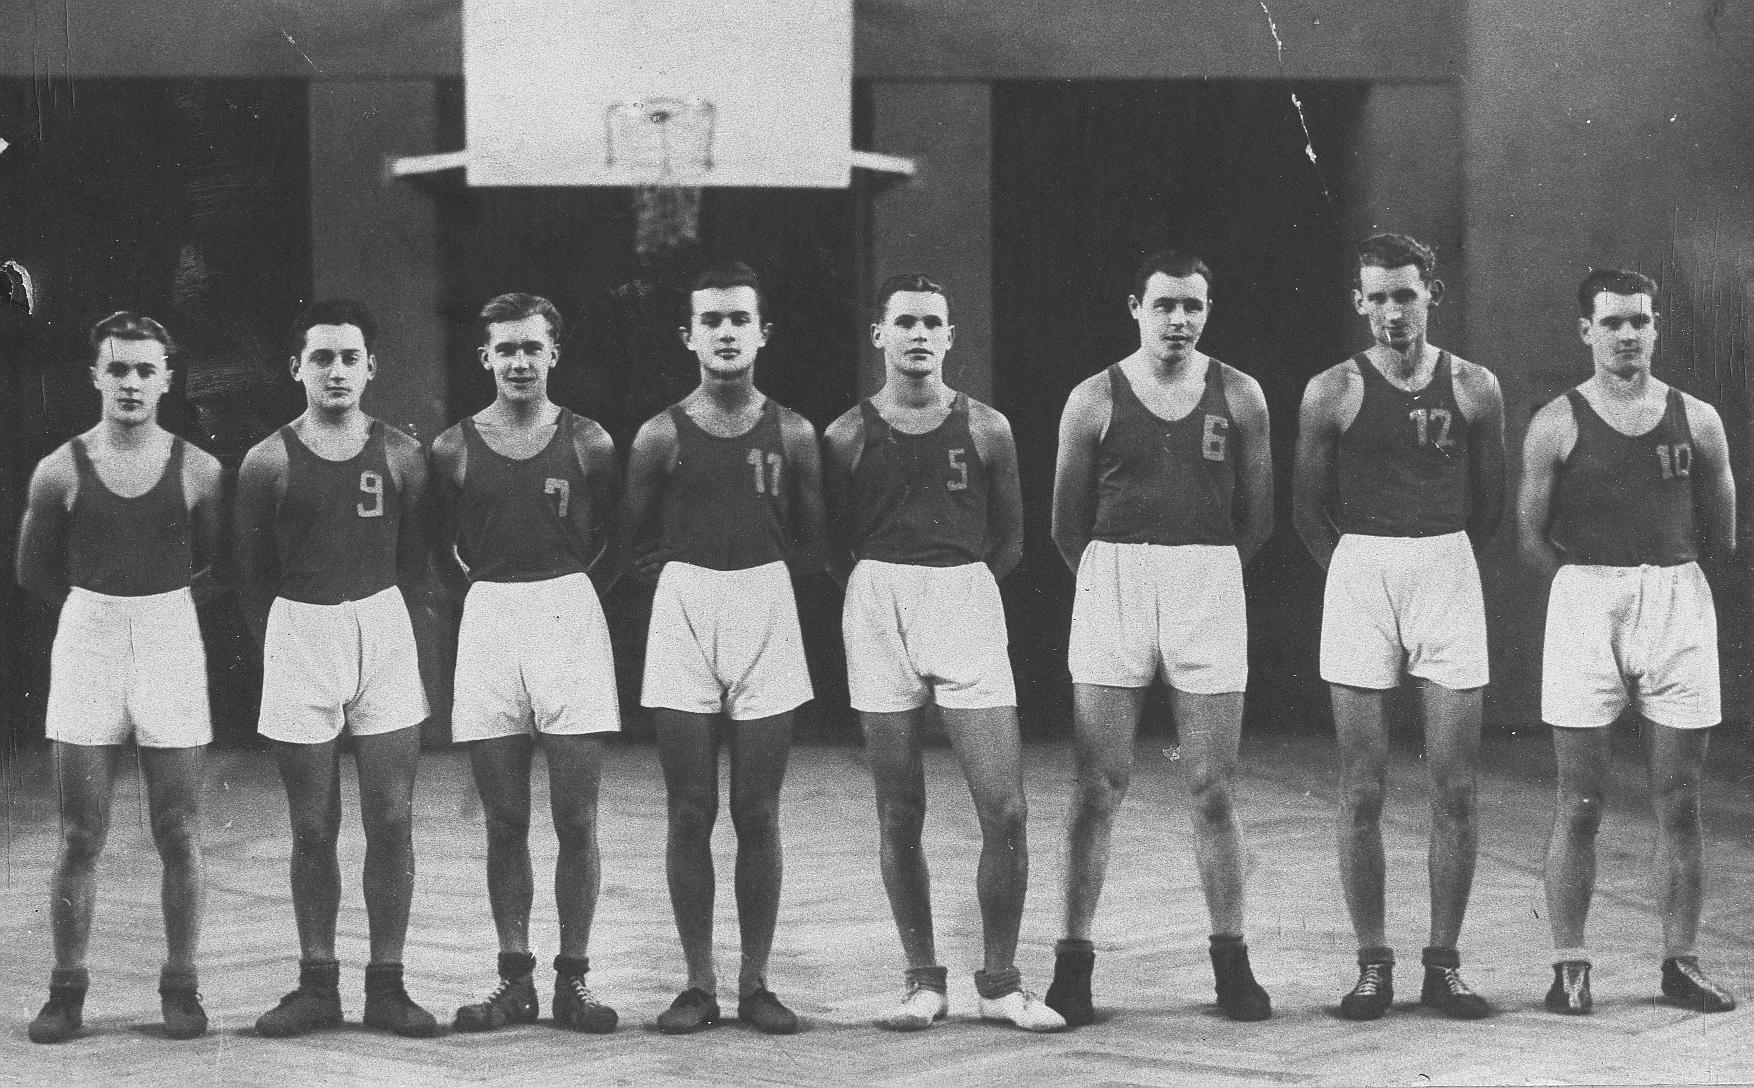 Koszykarskie derby Lublina – piętnaście koszykarskich świąt